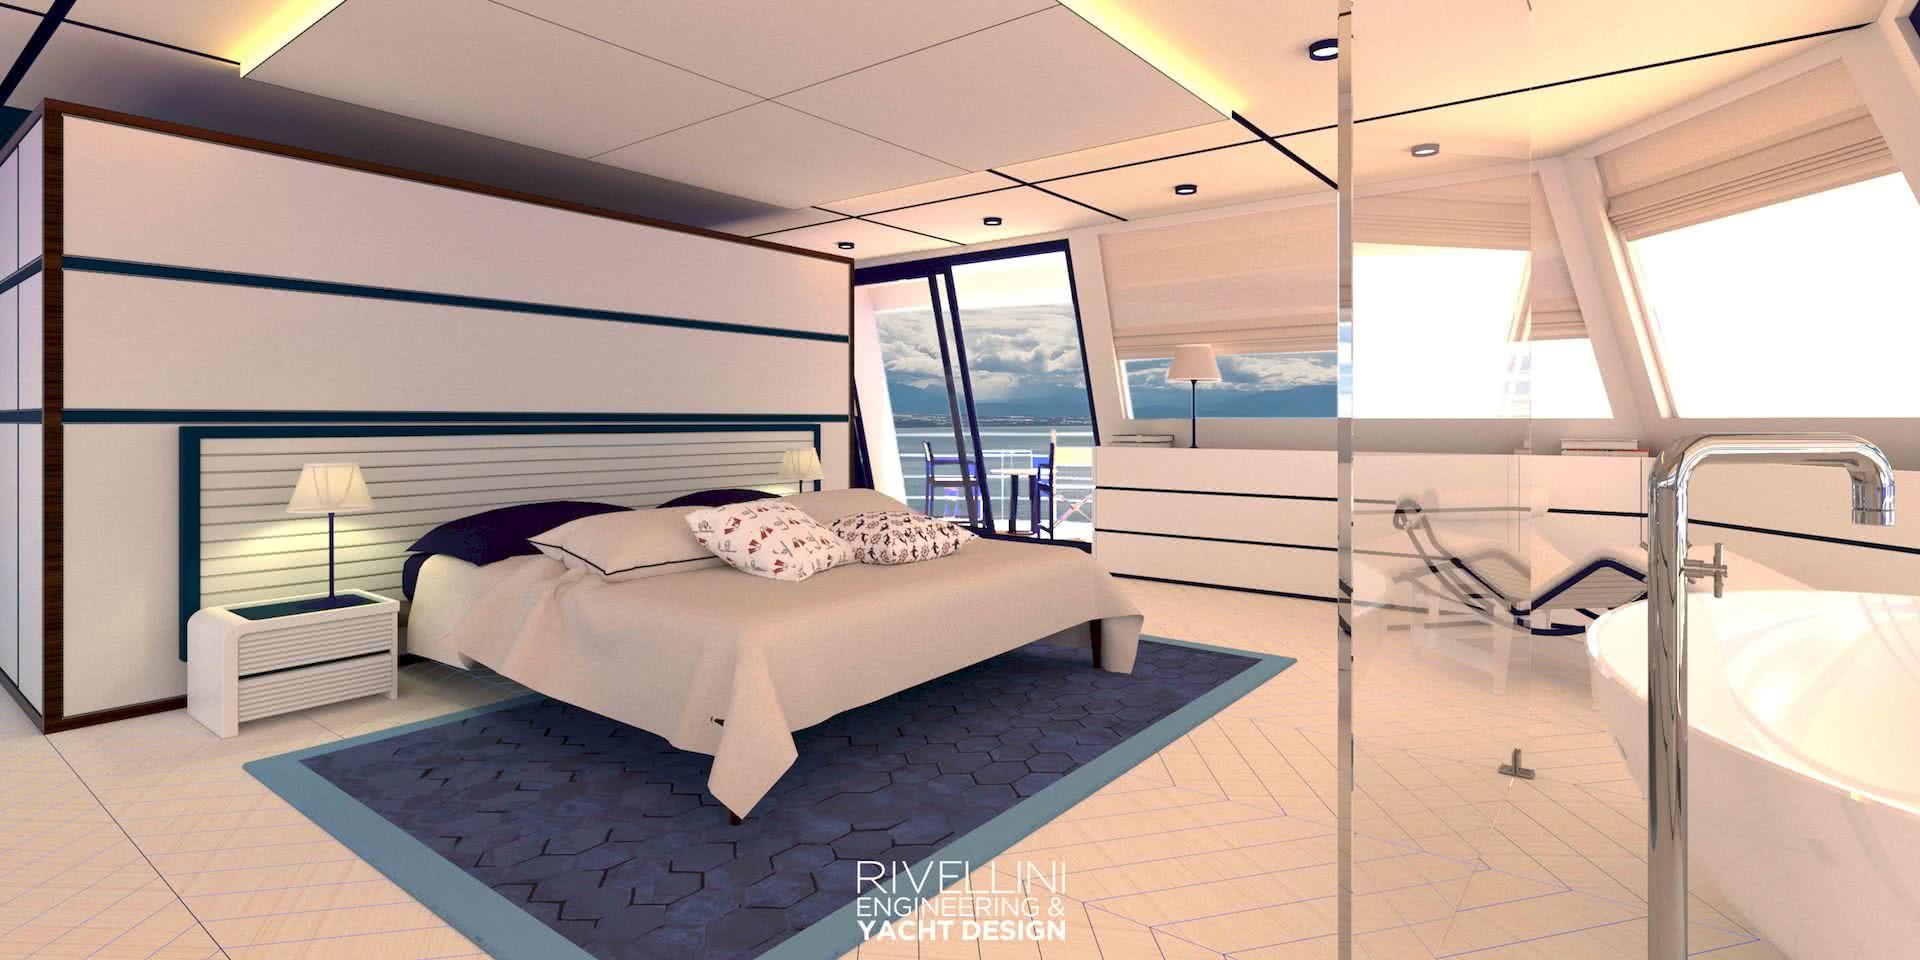 56m explorer yacht interior valerio rivellini